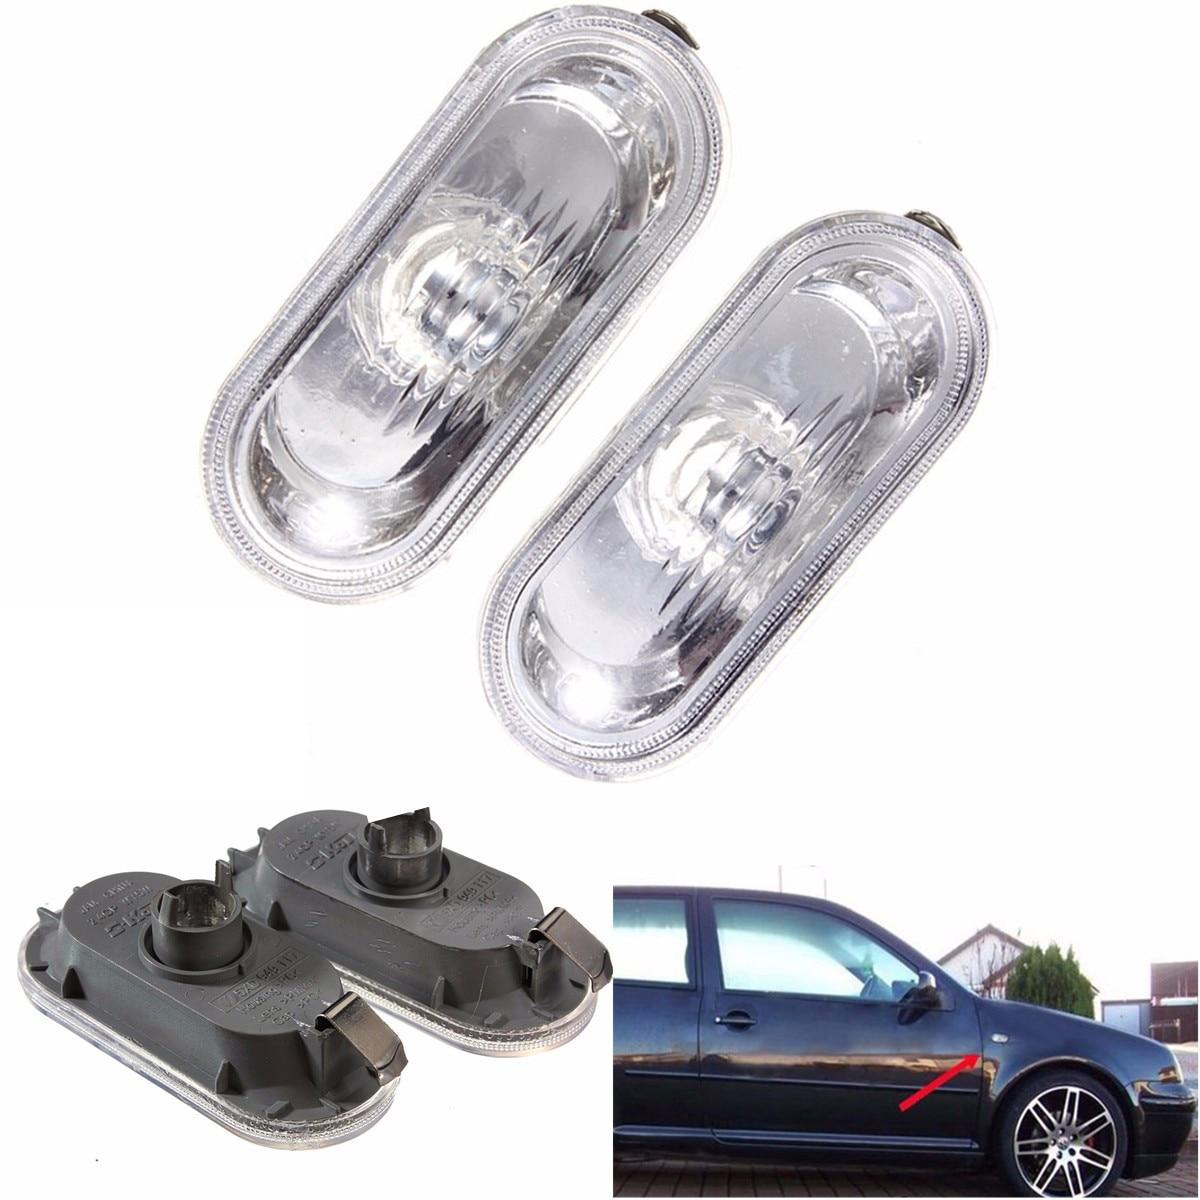 2X Side Marker Light For VW Jetta Golf Bora MK4 Passat B5 B5.5 GTI Beetle R32